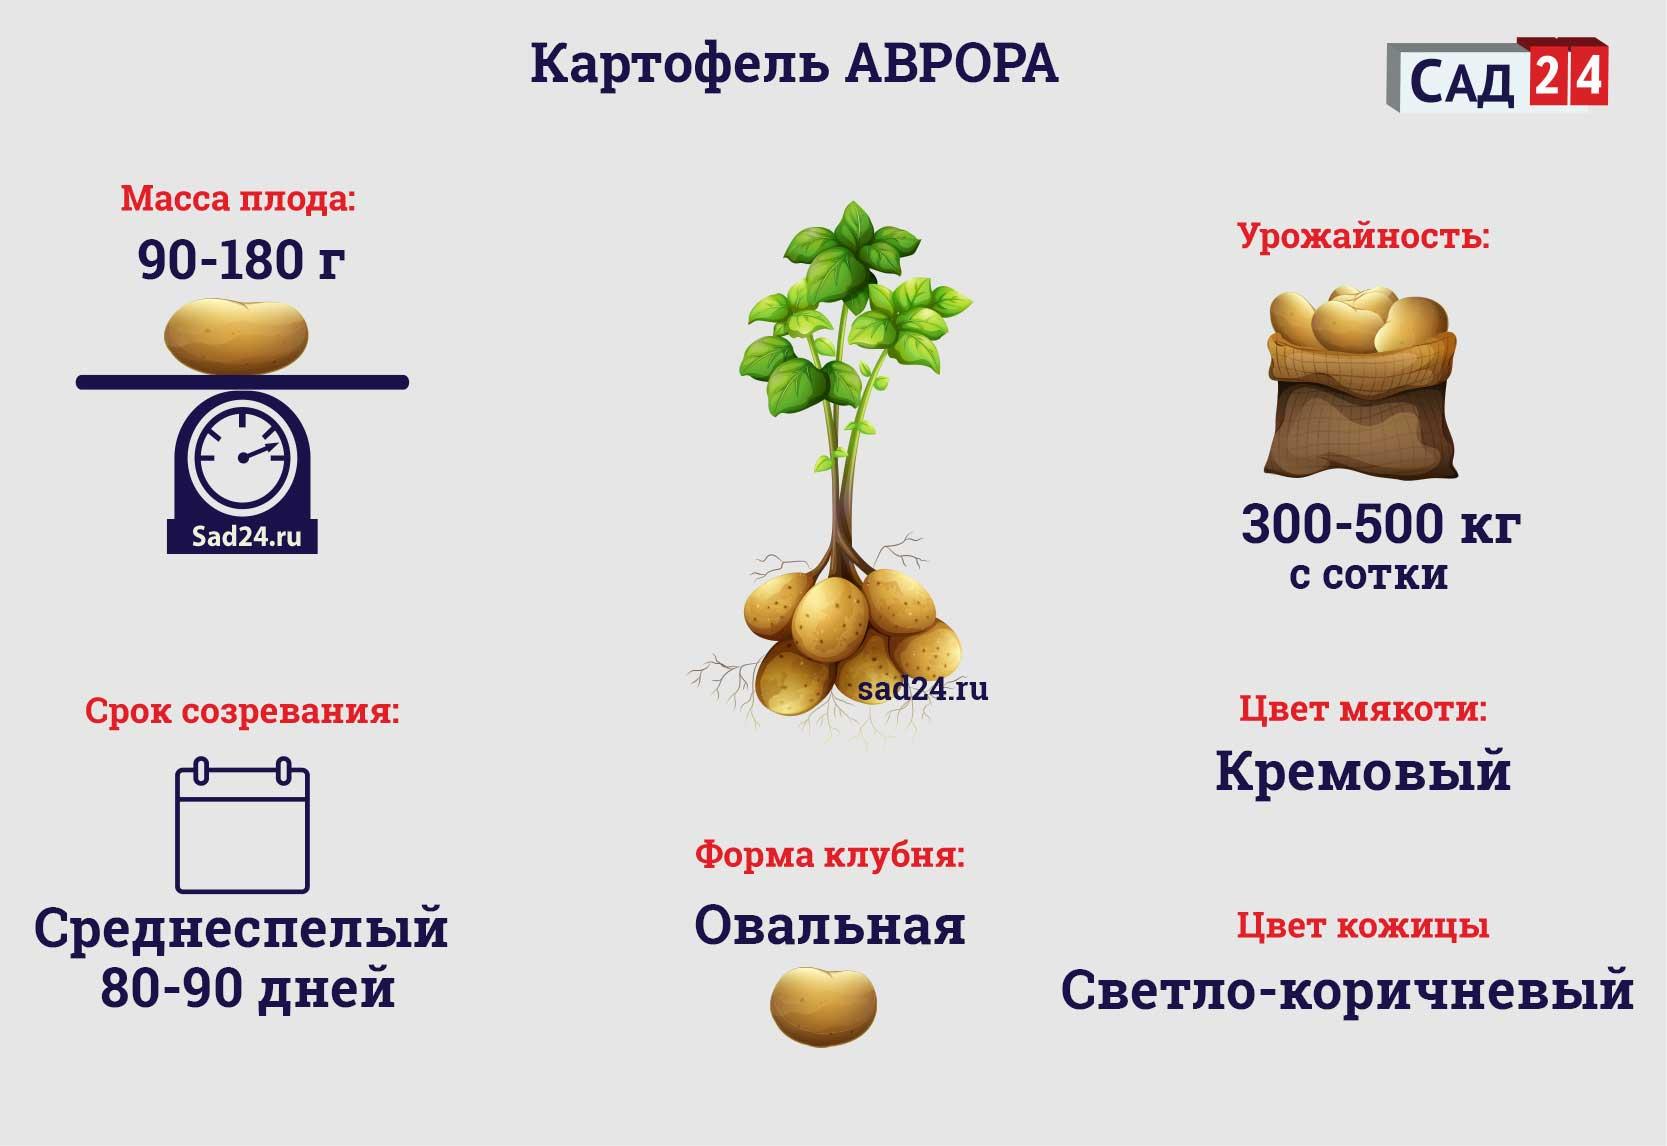 Аврора - https://sad24.ru/